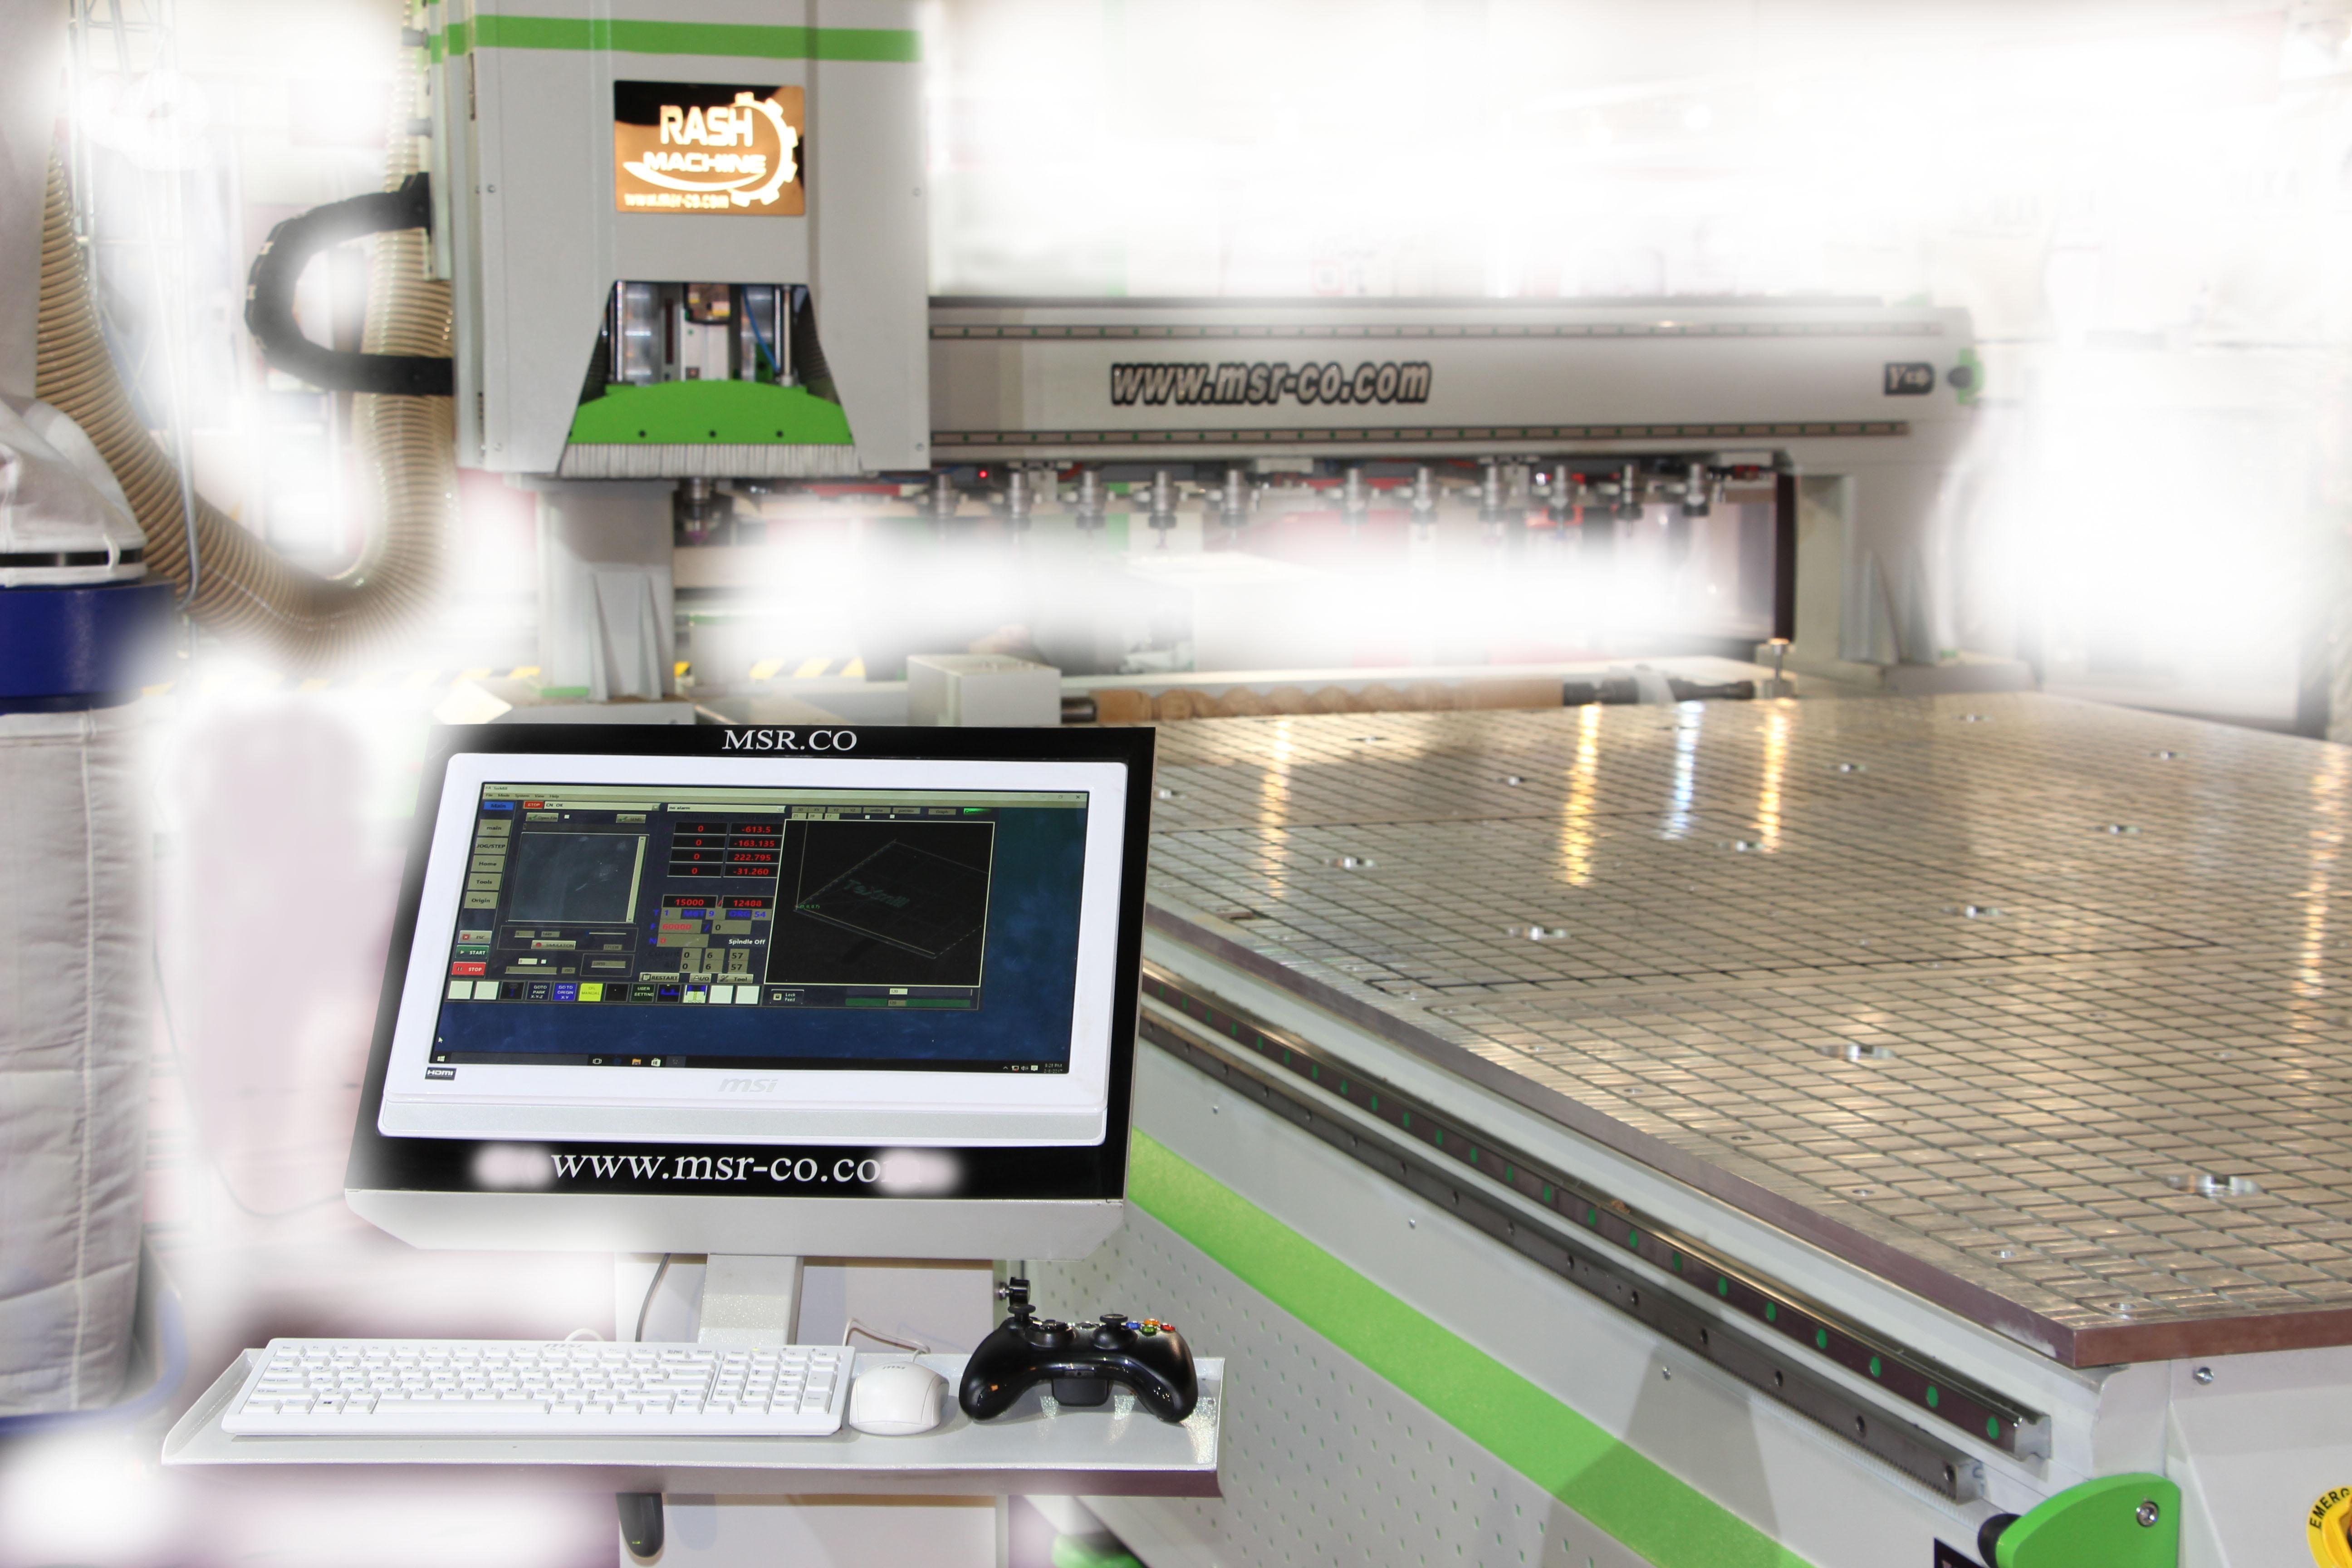 ماشینکاری CNC چیست؟